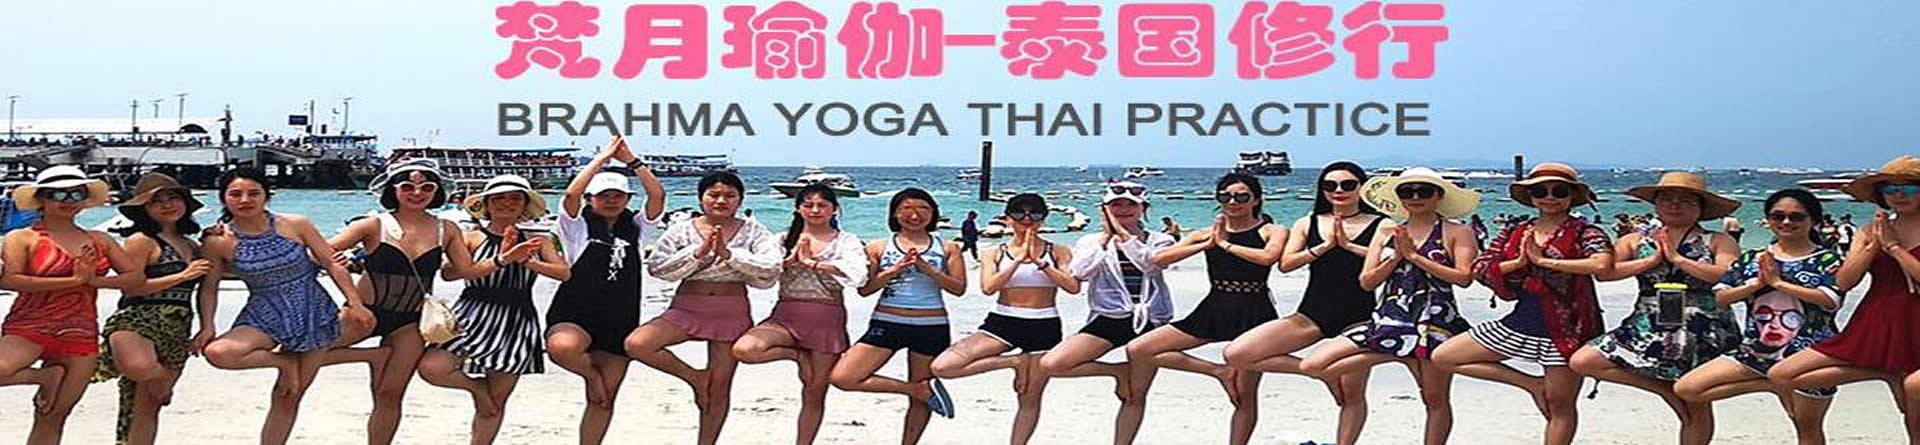 郑州梵月瑜伽教练培训学院